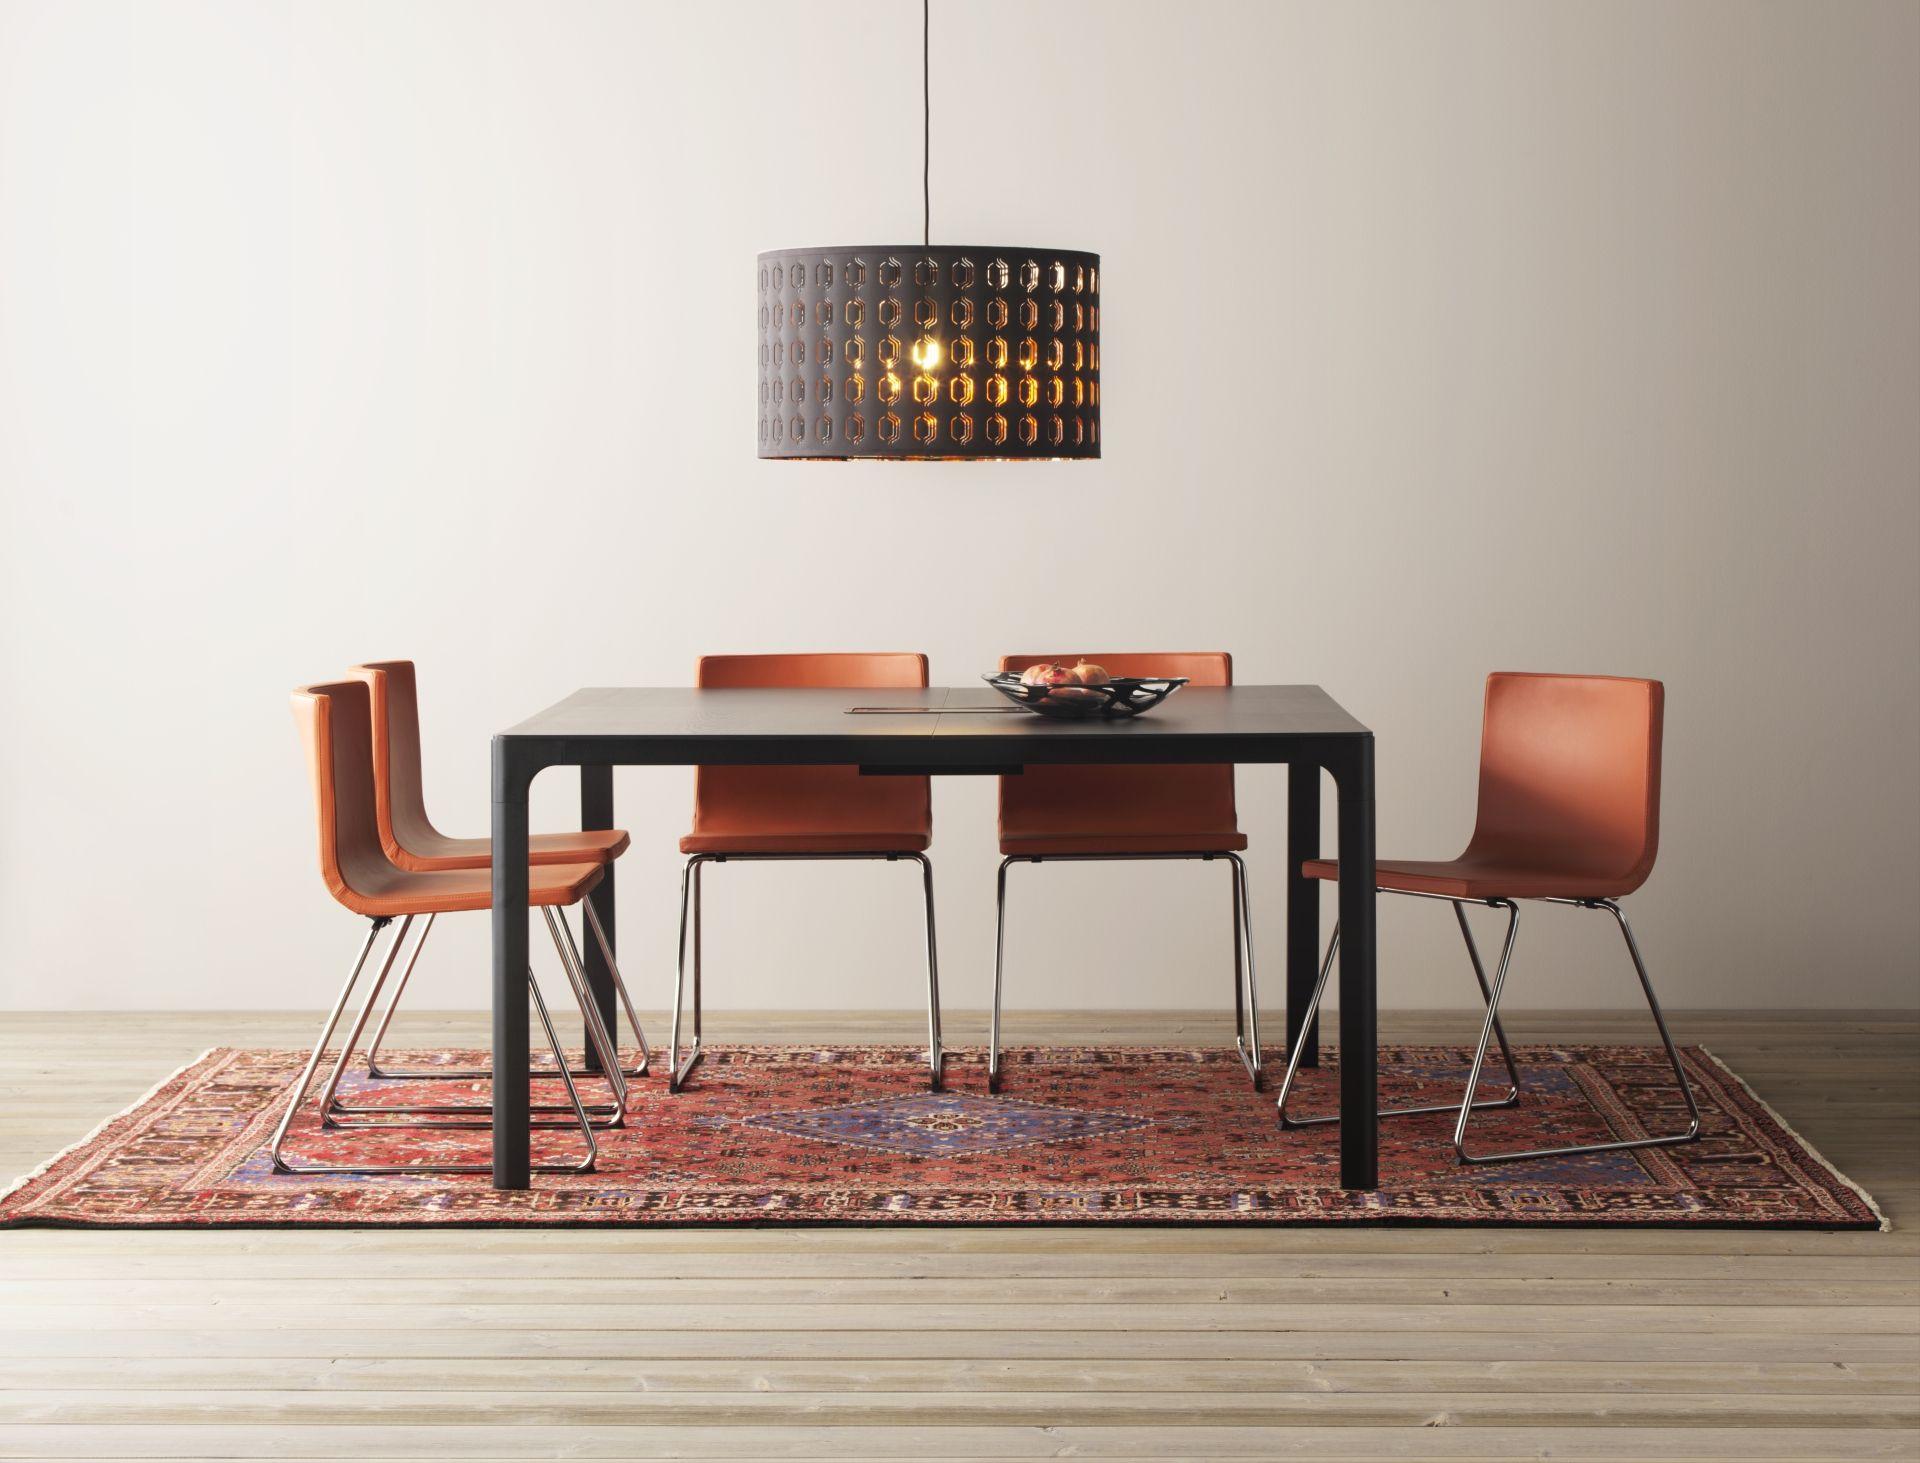 Stoelen Eetkamer Ikea : Bernhard stoel ikeacatalogus nieuw ikea ikeanl